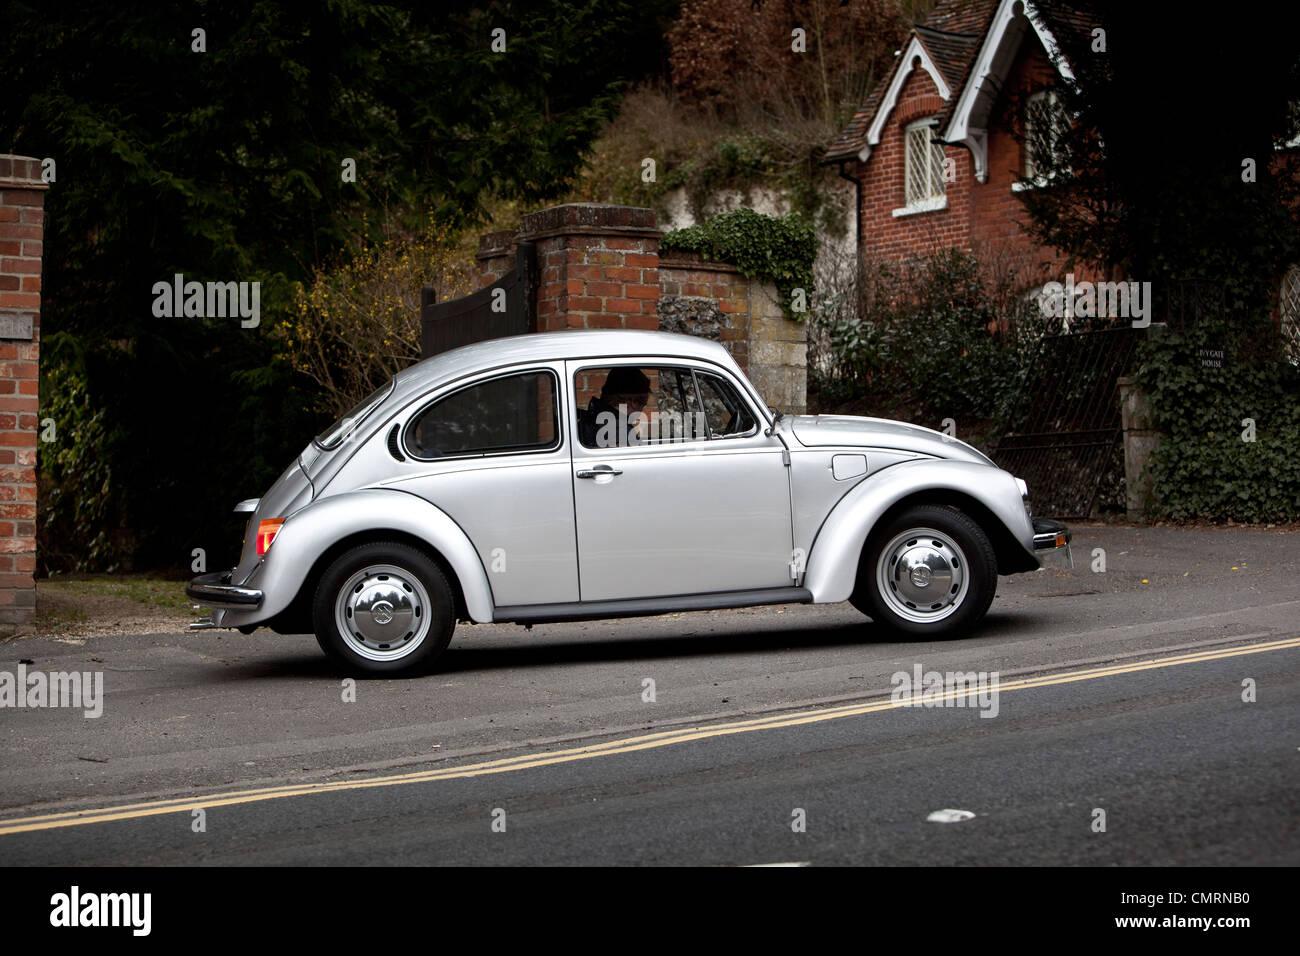 Volkswagen Beetle type 1 Side - Stock Image